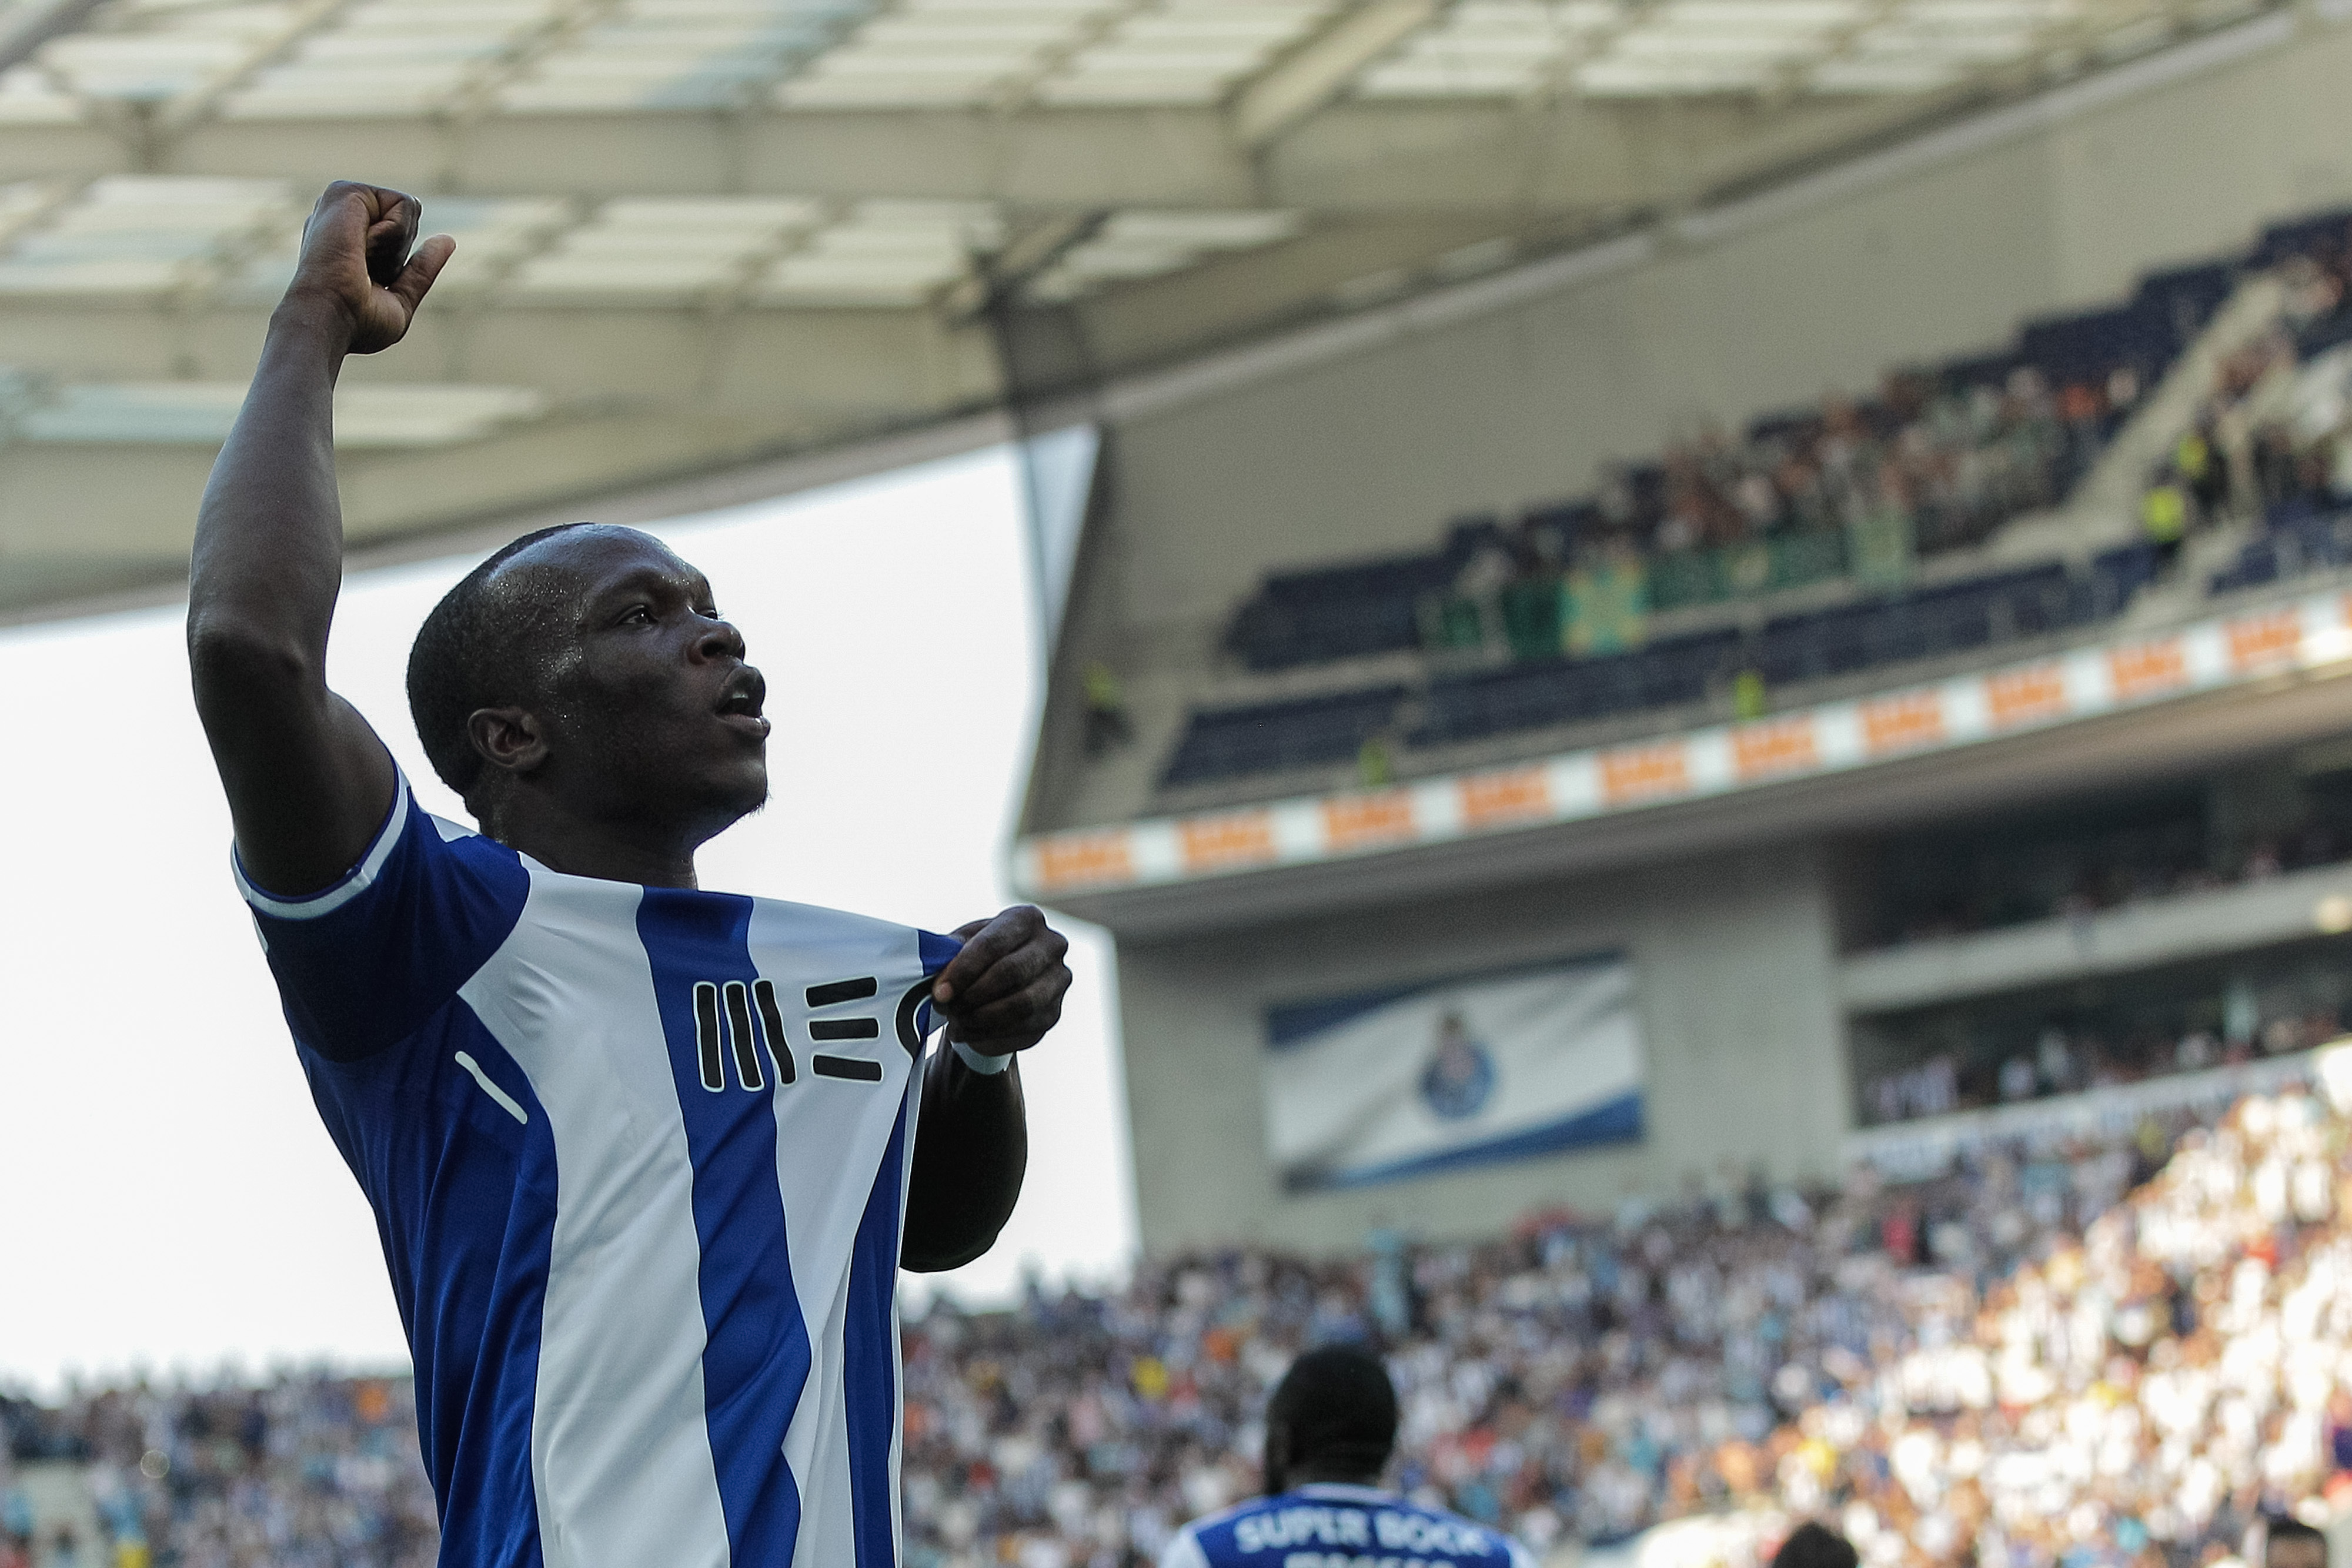 Dois golos a menos, mas os mesmos pontos: FC Porto junta-se ao pelotão da frente